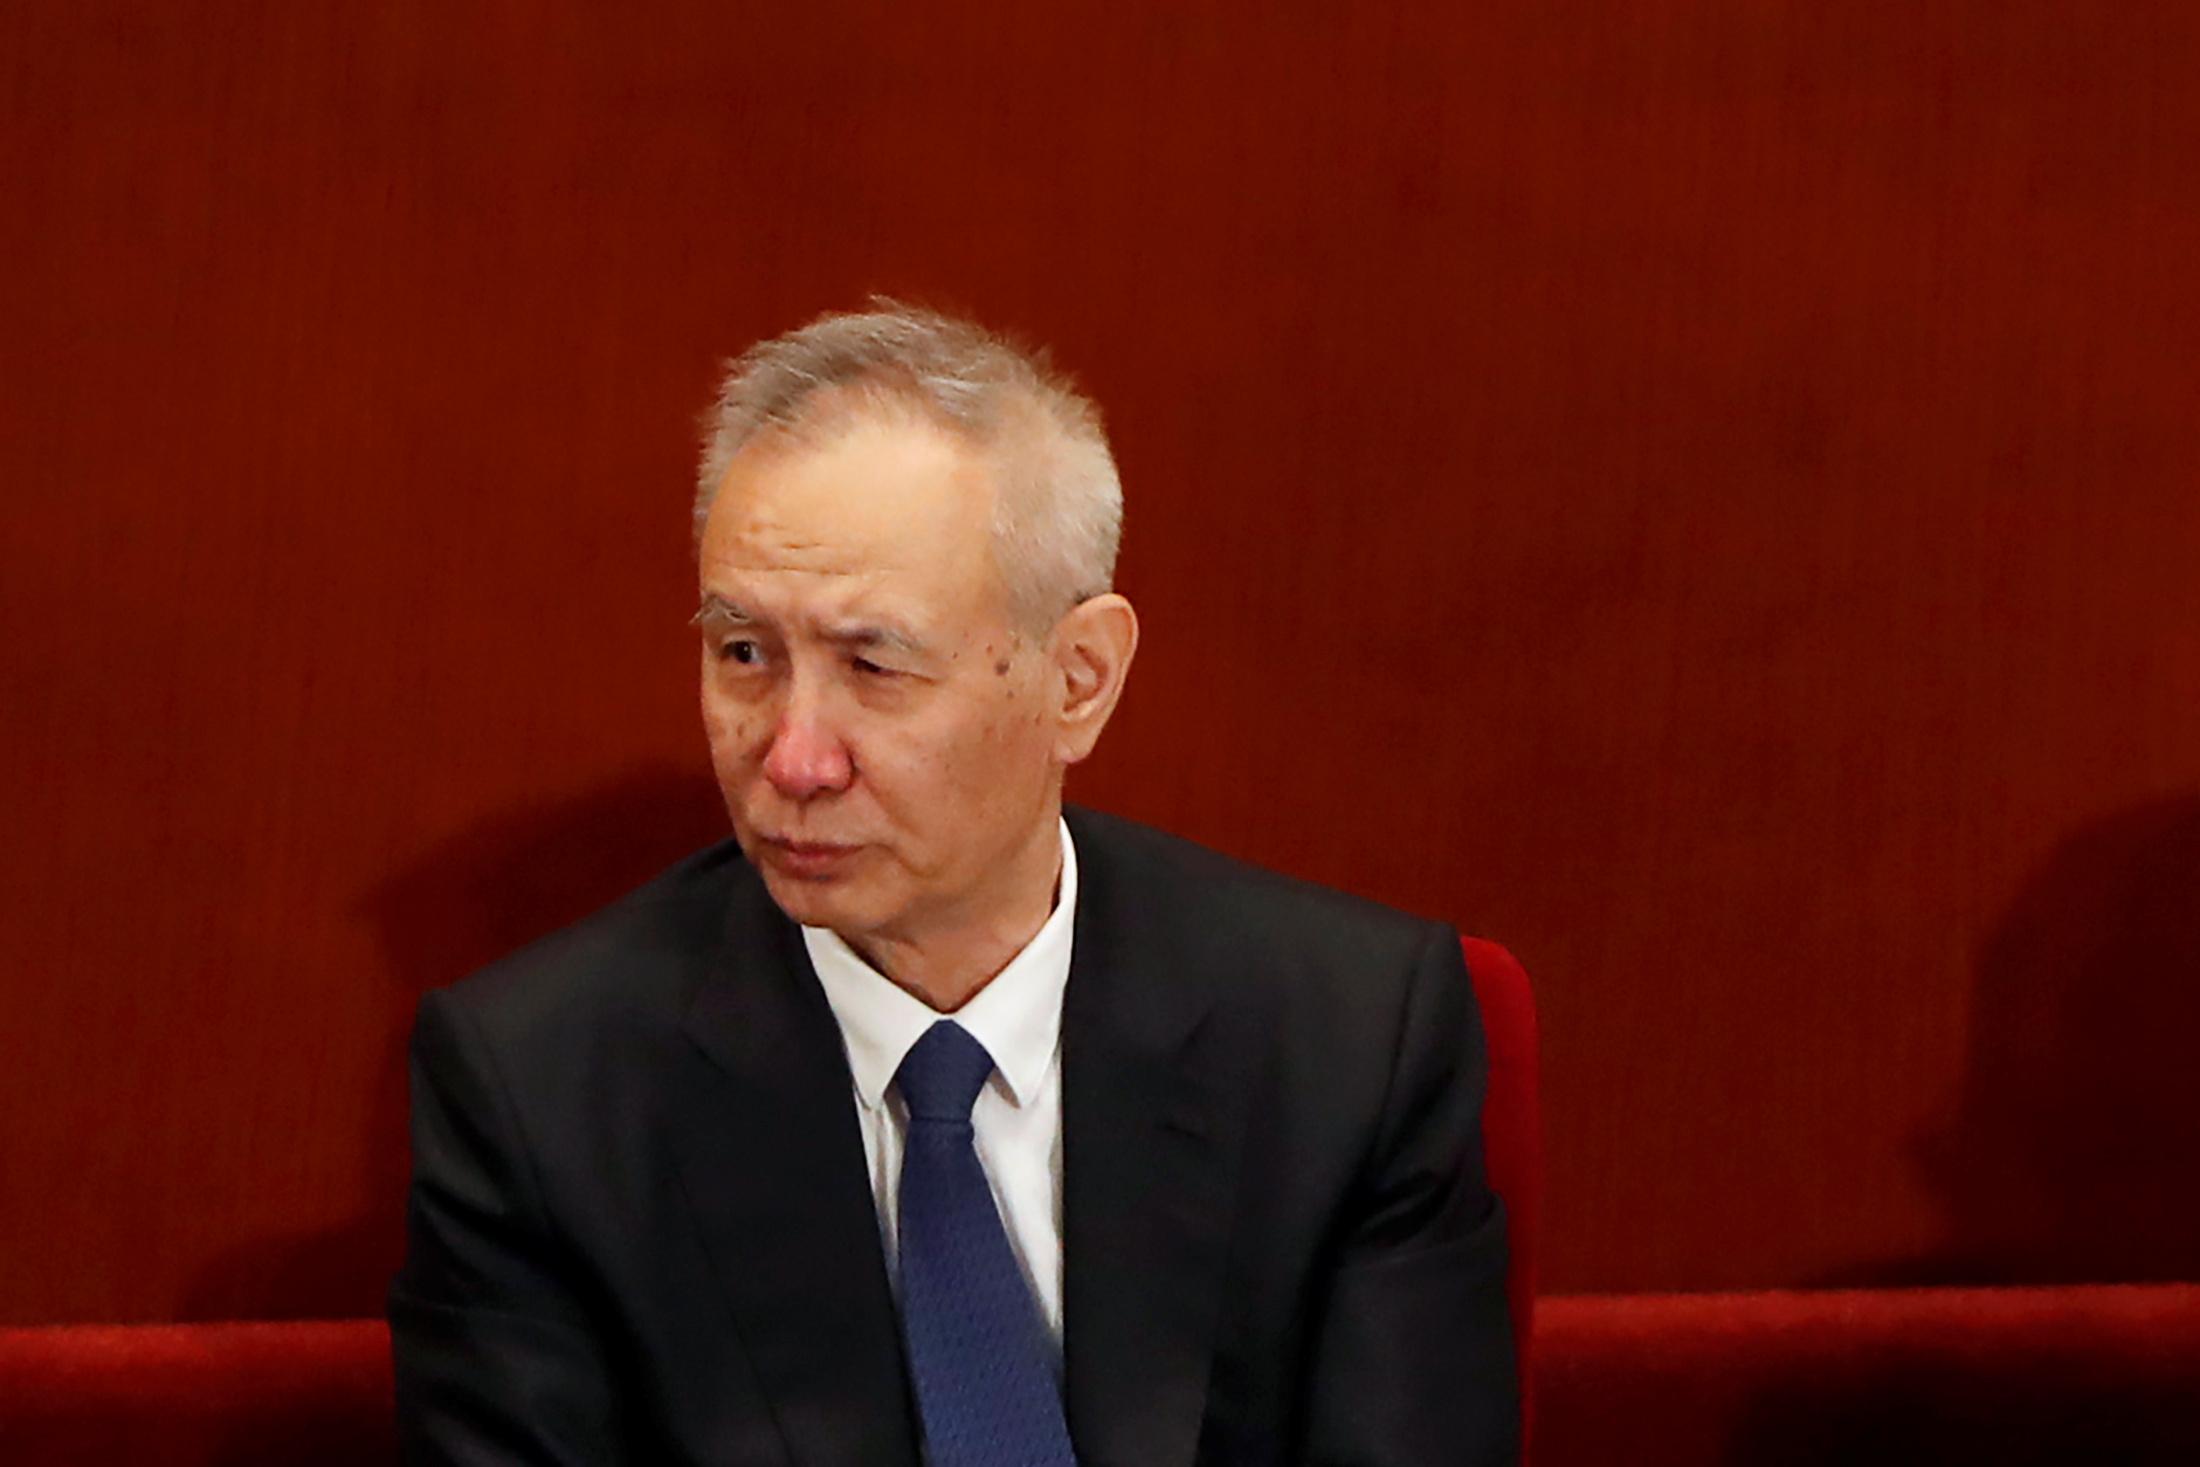 Vai trò lớn của Phó Thủ tướng Trung Quốc Lưu Hạc trên bàn đàm phán thương mại Mỹ - Trung - Ảnh 1.